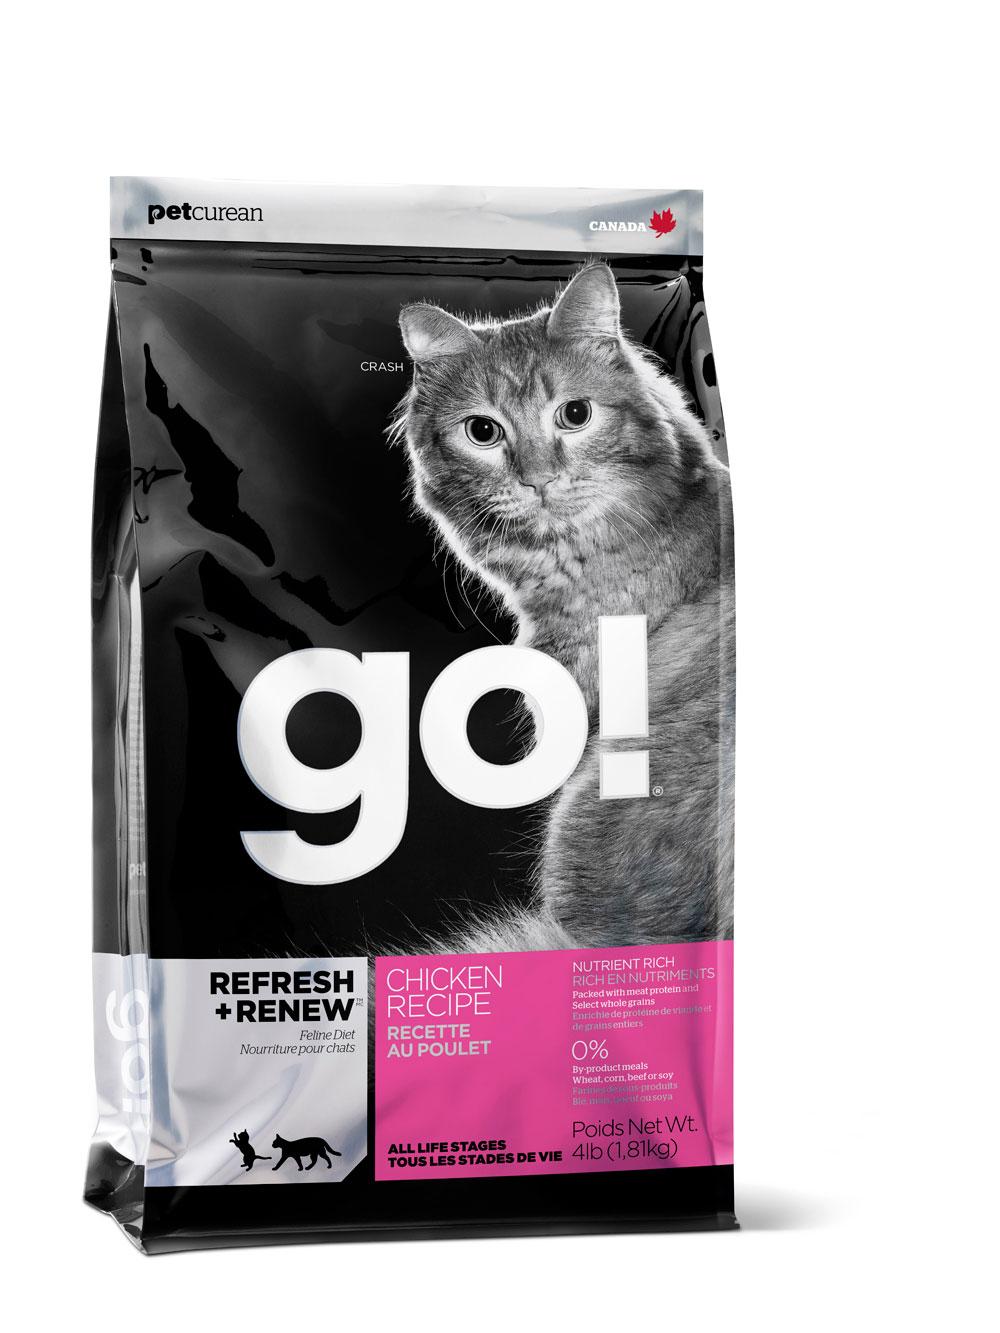 Корм сухой Go! для кошек и котят, с курицей, фруктами и овощами, 1,81 кг20027Корм для котят и кошек Go! - полноценный корм обогащенный питательными веществами, обеспечивающий здоровье и активность вашего питомца на протяжении всей его жизни. В состав корма входят высококачественные источники белков, фрукты и овощи, богатые антиоксидантами и все необходимые жирные кислоты. Ключевые преимущества: - Полностью беззерновой, - Не содержит субпродуктов, красителей, говядины, мясных ингредиентов, выращенных на гормонах, - Превосходный вкус, - Мелкие крокеты будут по вкусу самым привередливым кошкам, - Таурин необходим для здоровья глаз и нормального функционирования сердечной мышцы, - Сложные углеводы - отличный источник энергии, - В составе Омега-кислоты необходимые для здоровой кожи и шерсти, - Антиоксиданты укрепляют иммунную систему. Состав: свежее мясо курицы, филе цыпленка, коричневый цельный рис, цельный белый рис, овсянка, куриный жир (источник витамина Е), мясо лосося, ...